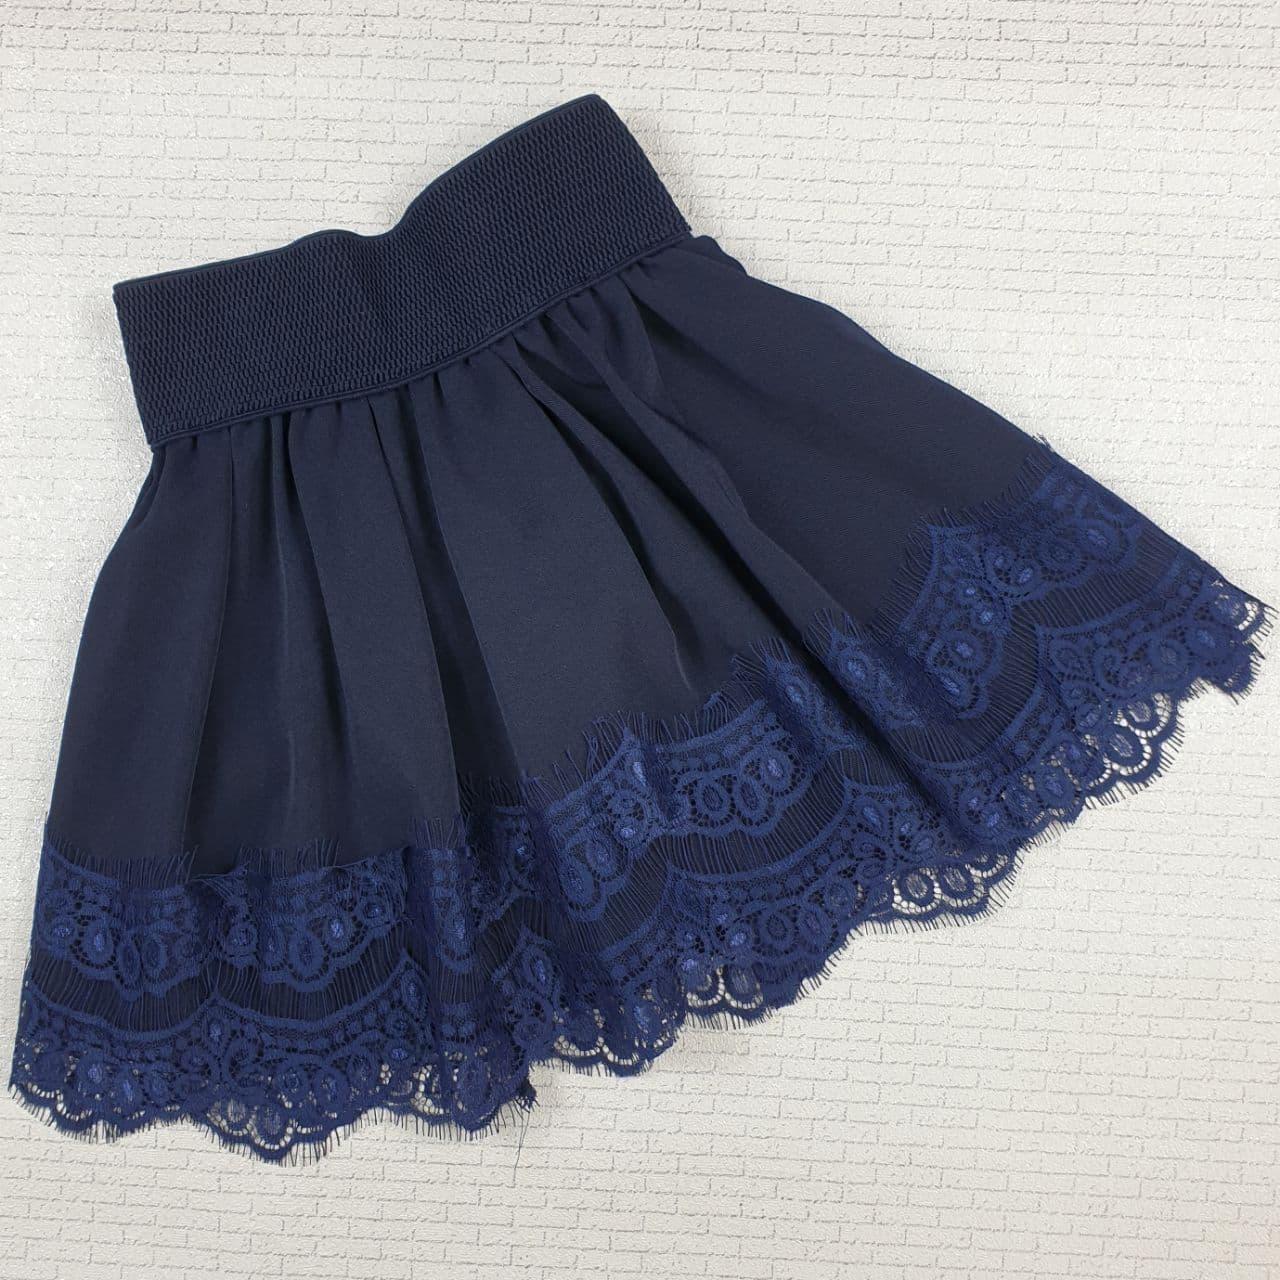 Юбка школьная с кружевом  122 cм, темно-синий